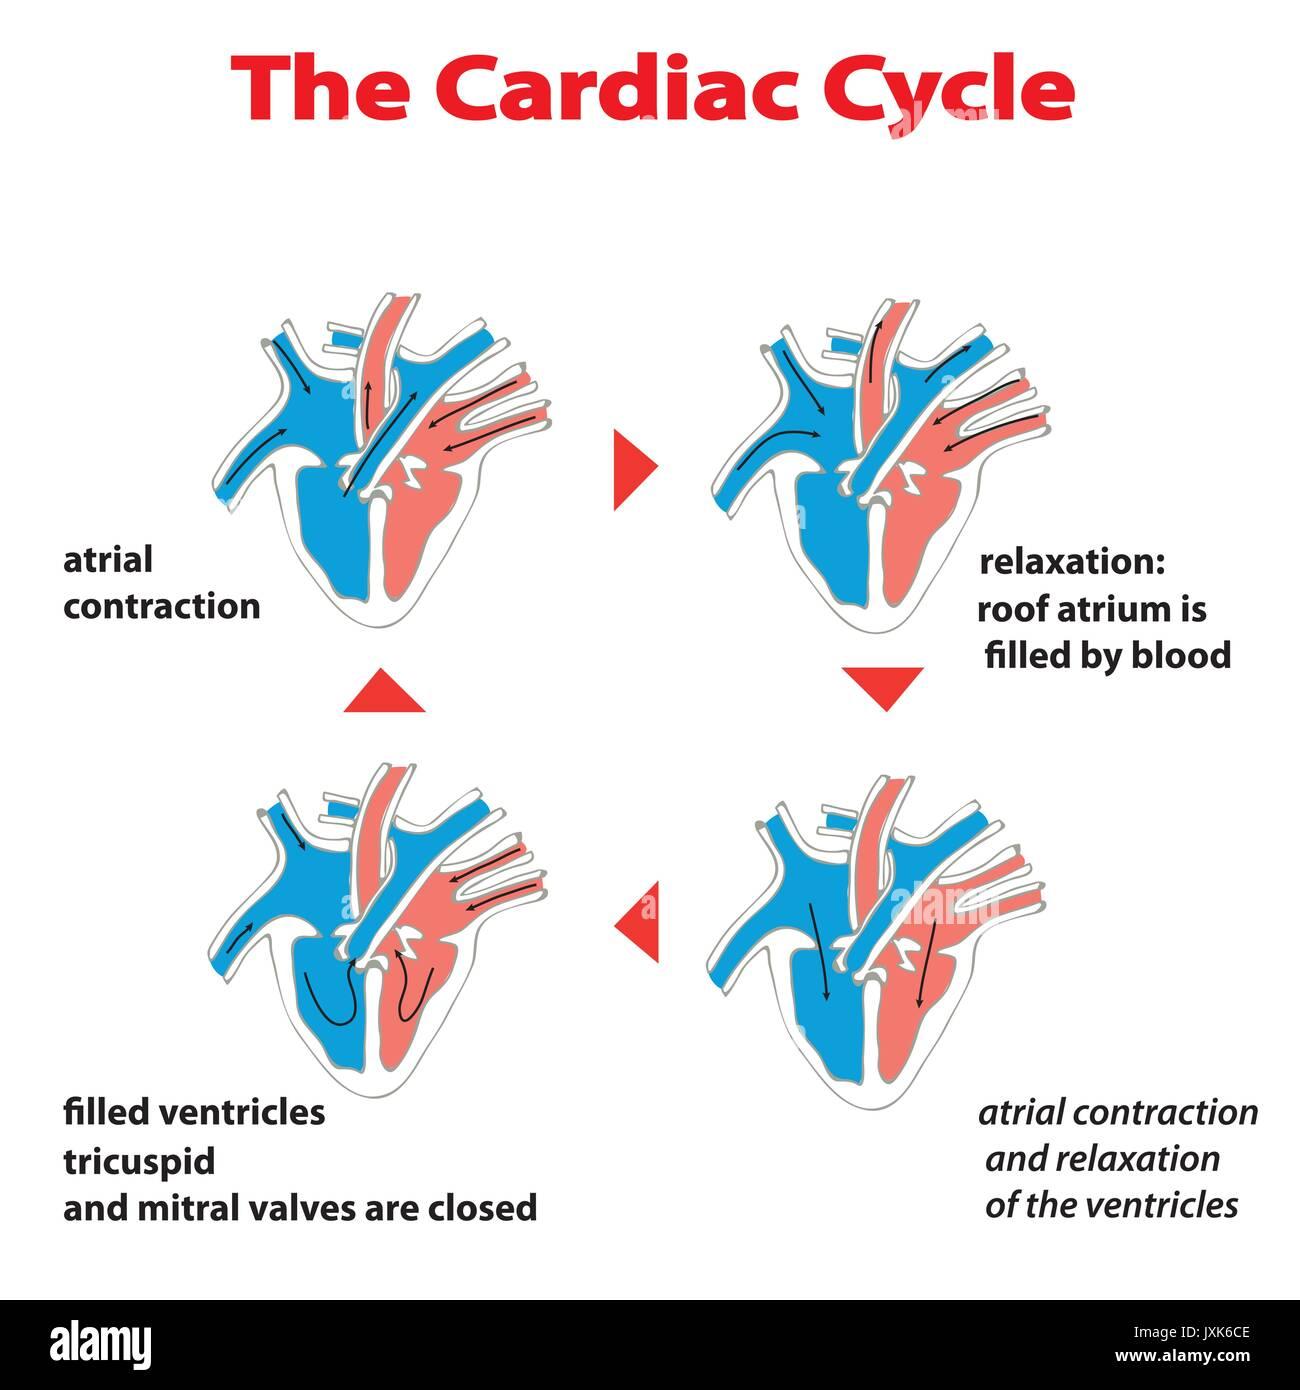 heart cardiac cyrcle education vector infographic - Stock Vector